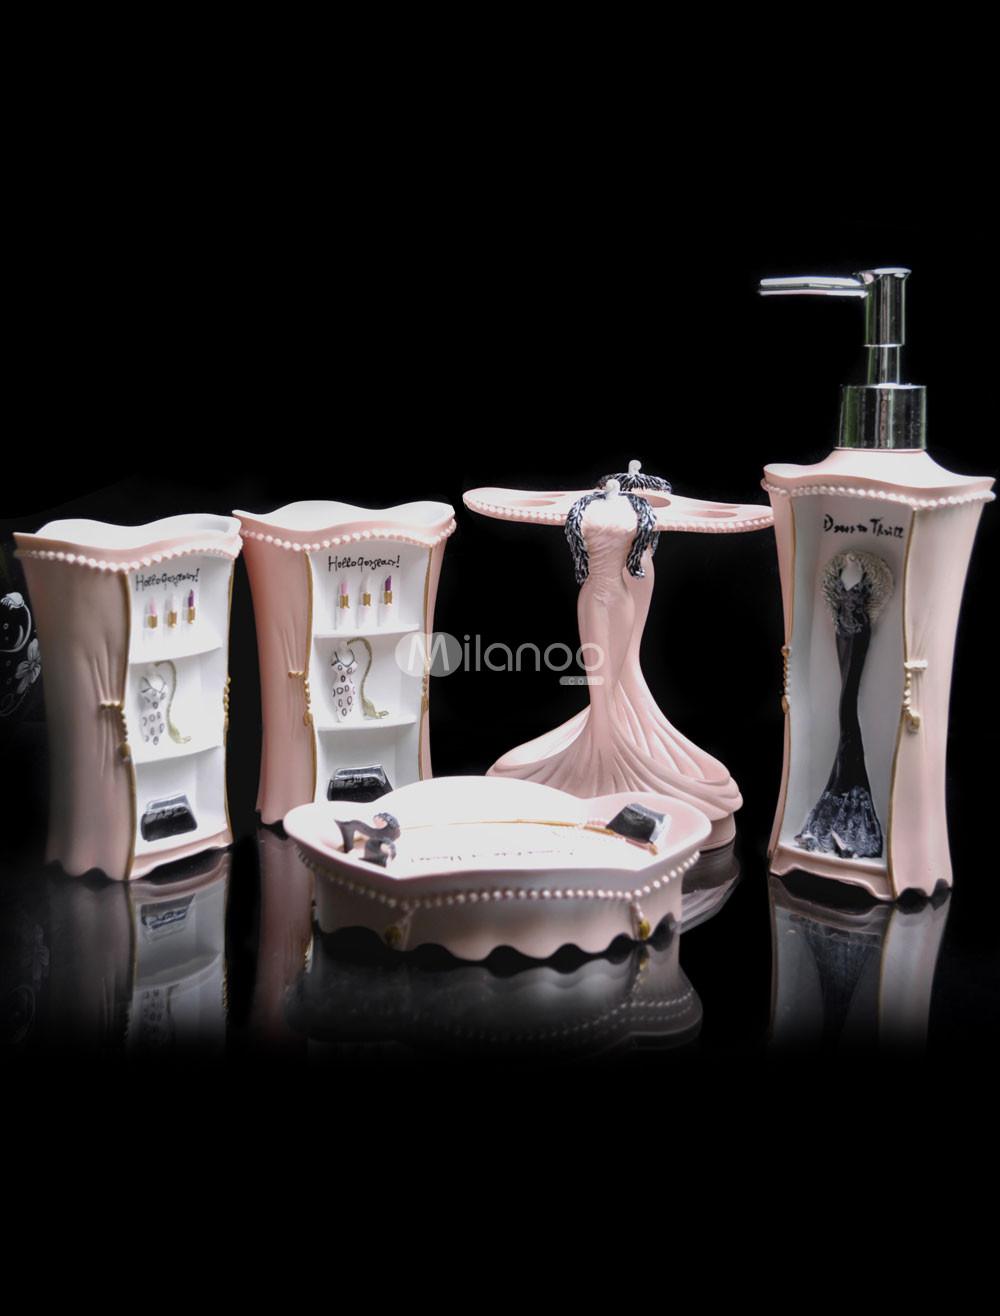 Avis sur accessoires de salle de bains leroy merlin - Accessoire de salle de bain pas cher ...